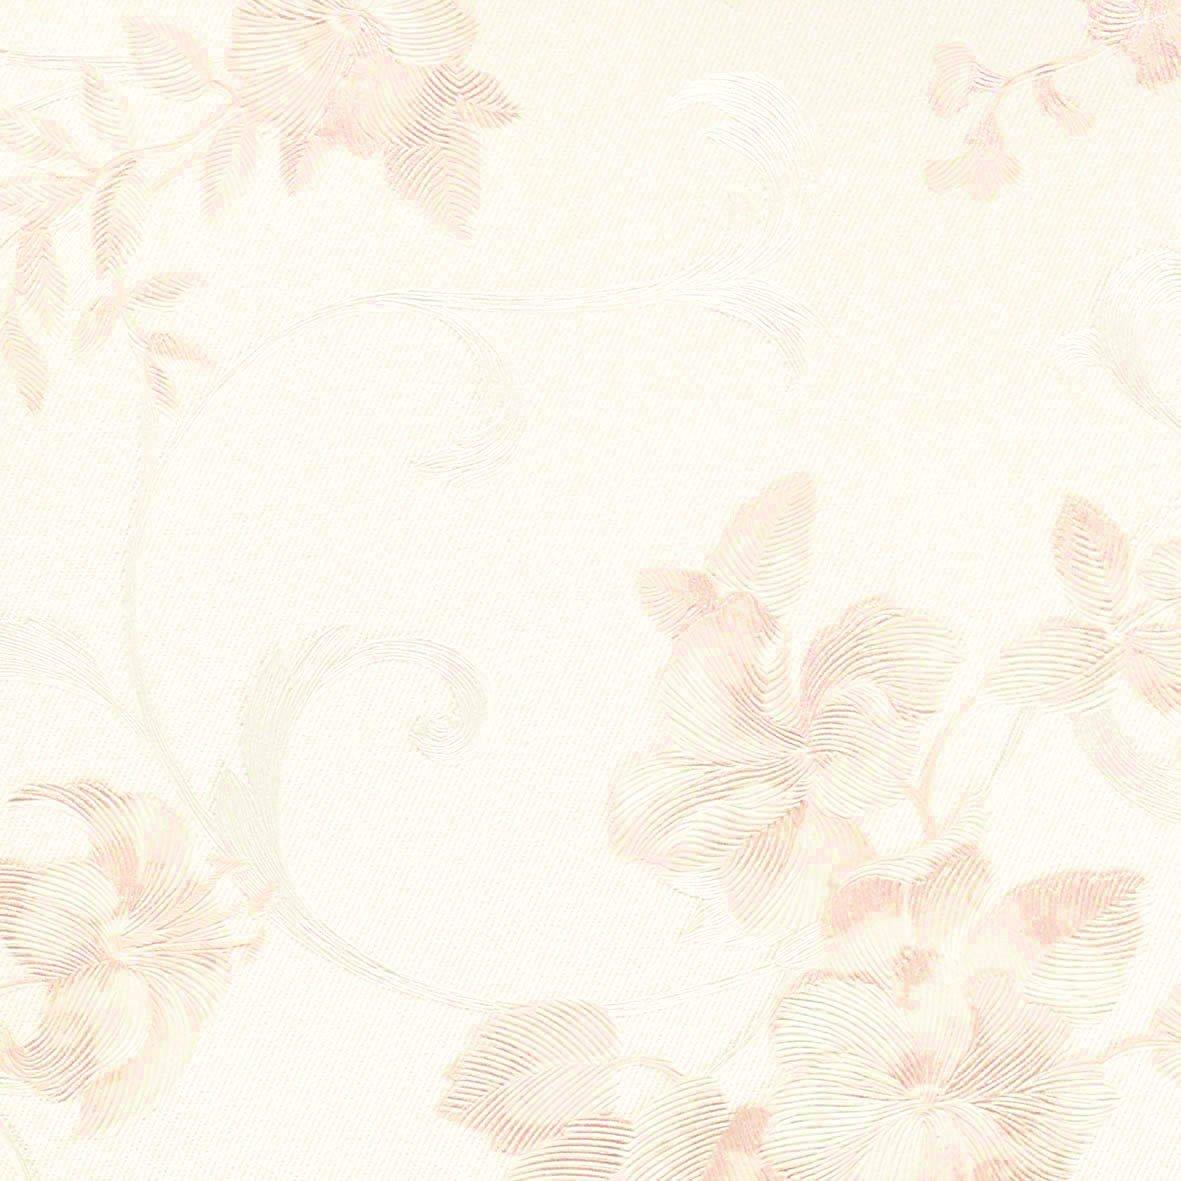 リリカラ 壁紙46m フェミニン 花柄 ベージュ LL-8349 B01N3W70K1 46m|ベージュ